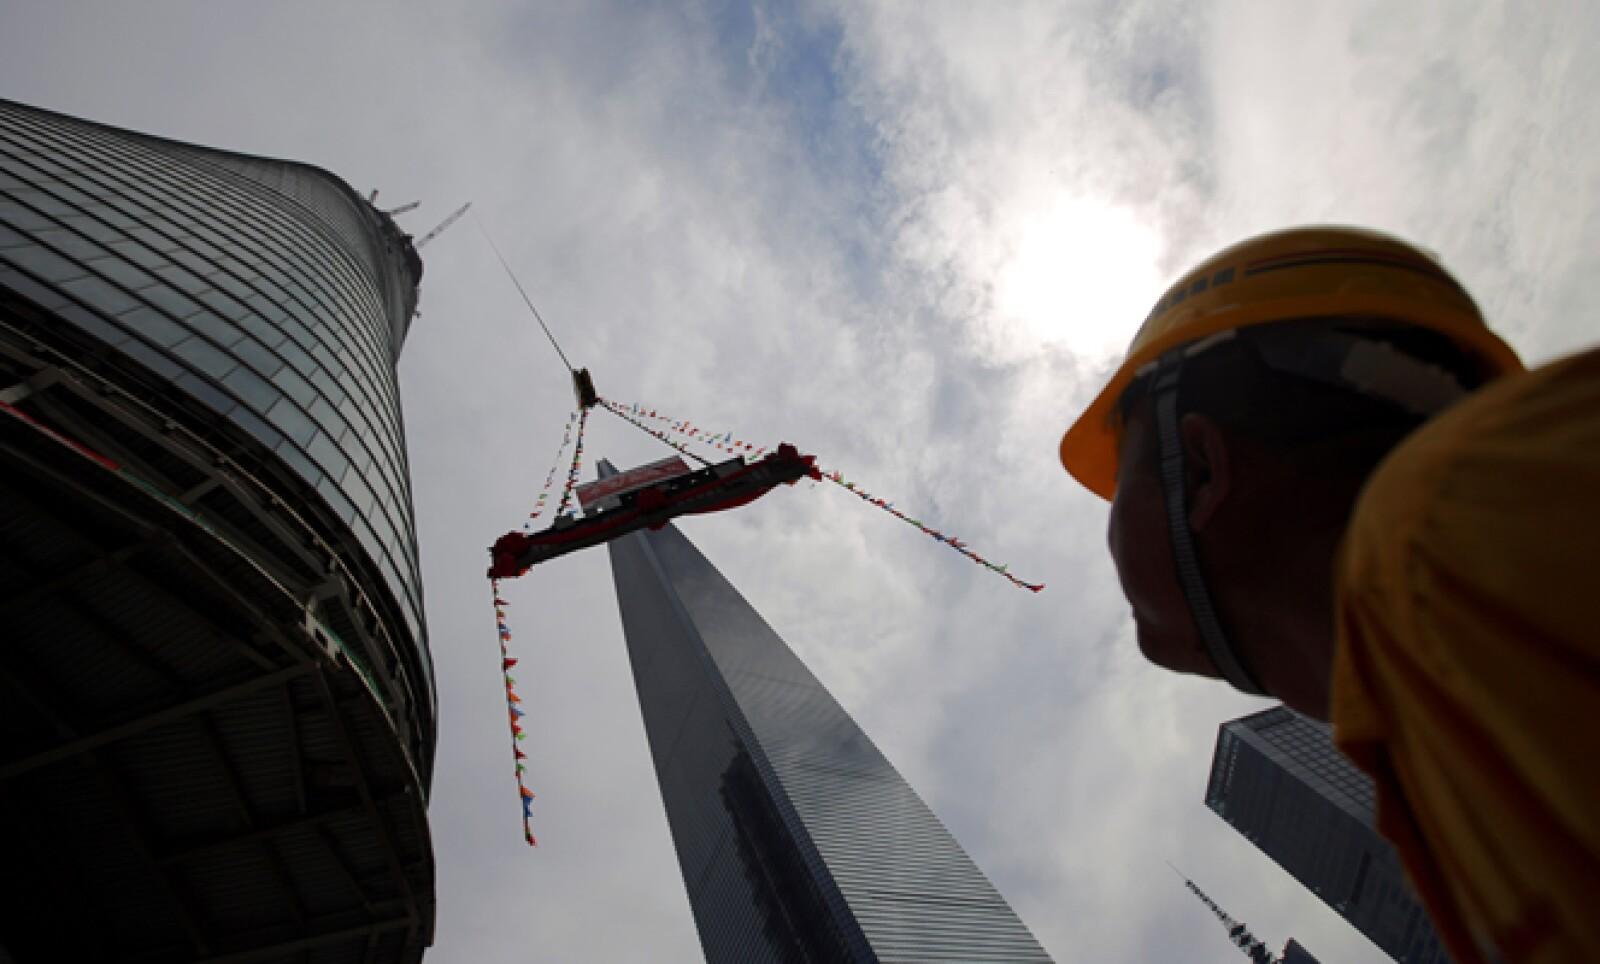 La torre sólo es superada por la de Burj Jalifa, en Dubai, en los Emiratos Árabes Unidos, de 824 metros y 124 pisos.